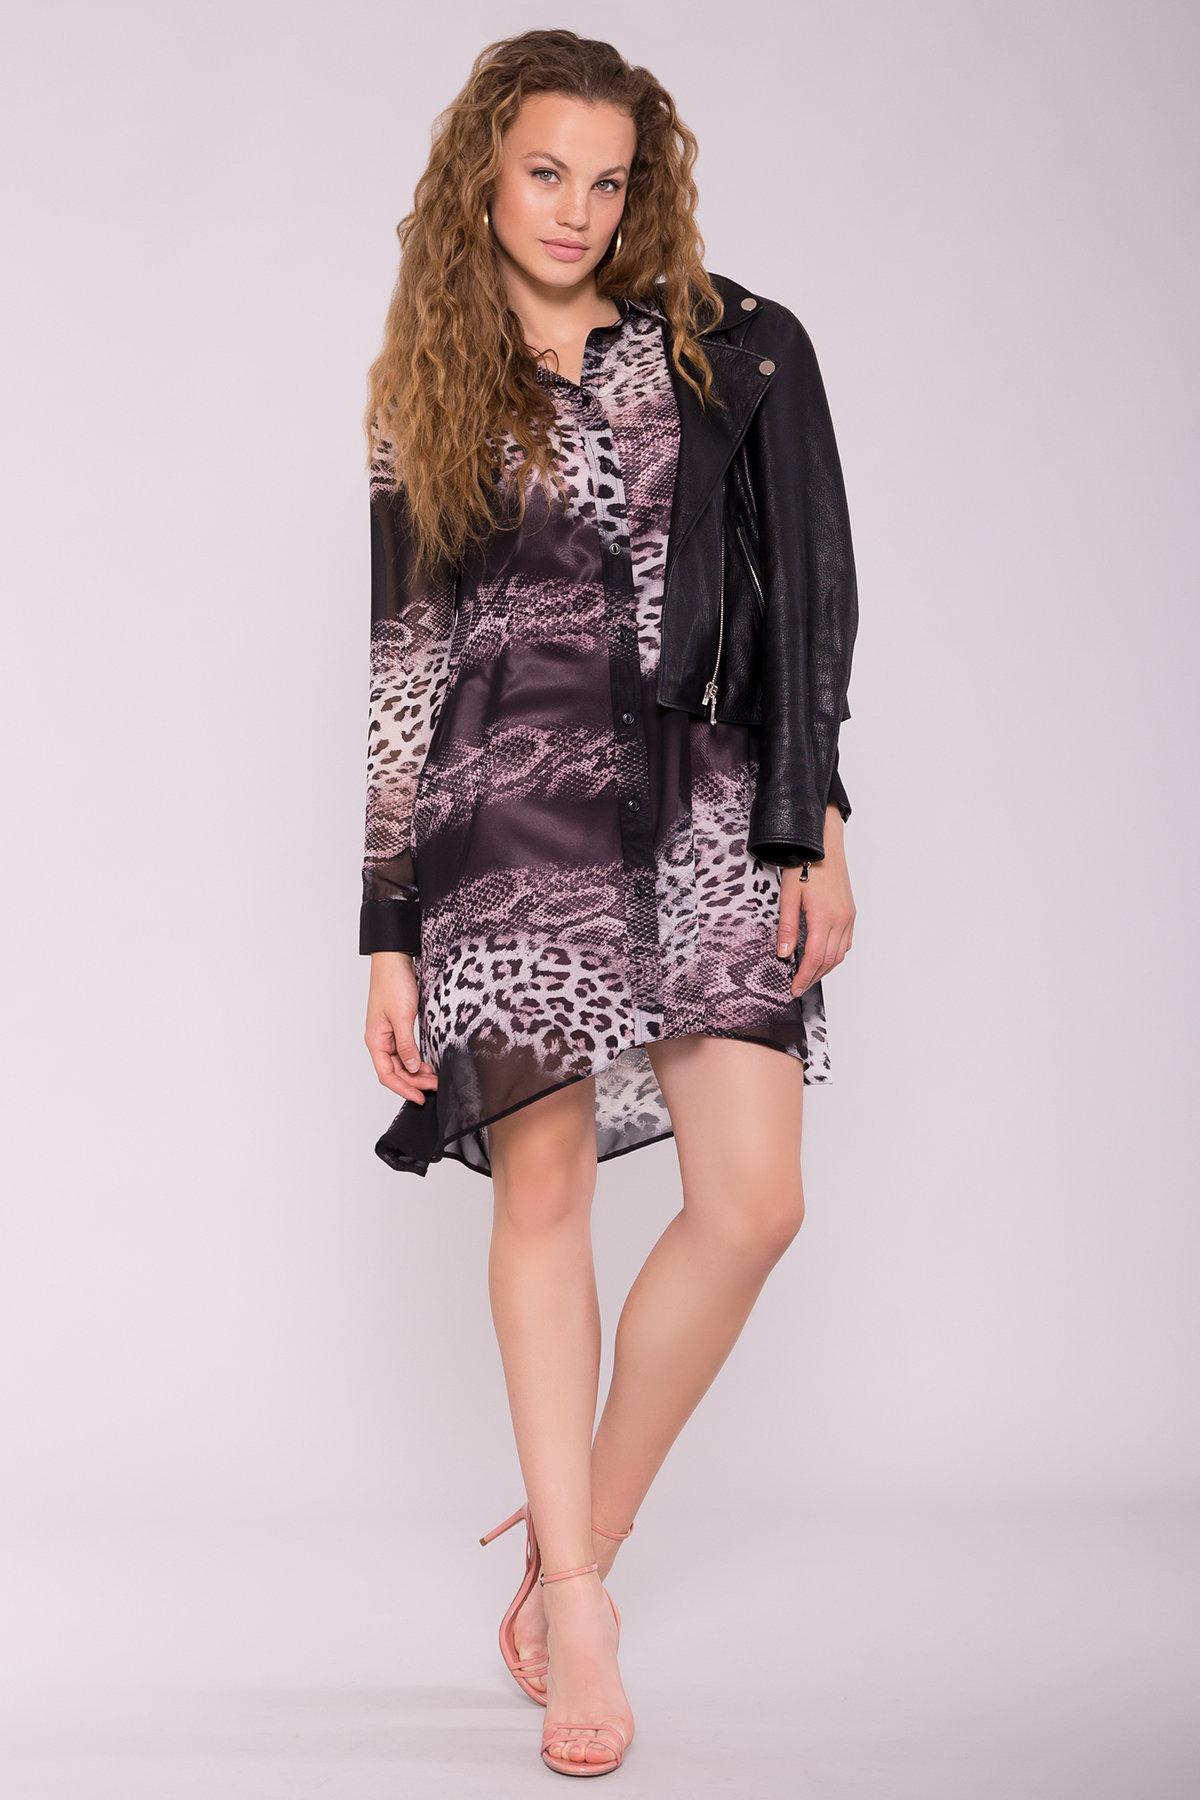 модное платье на весну Платье-рубашка Сохо 6783